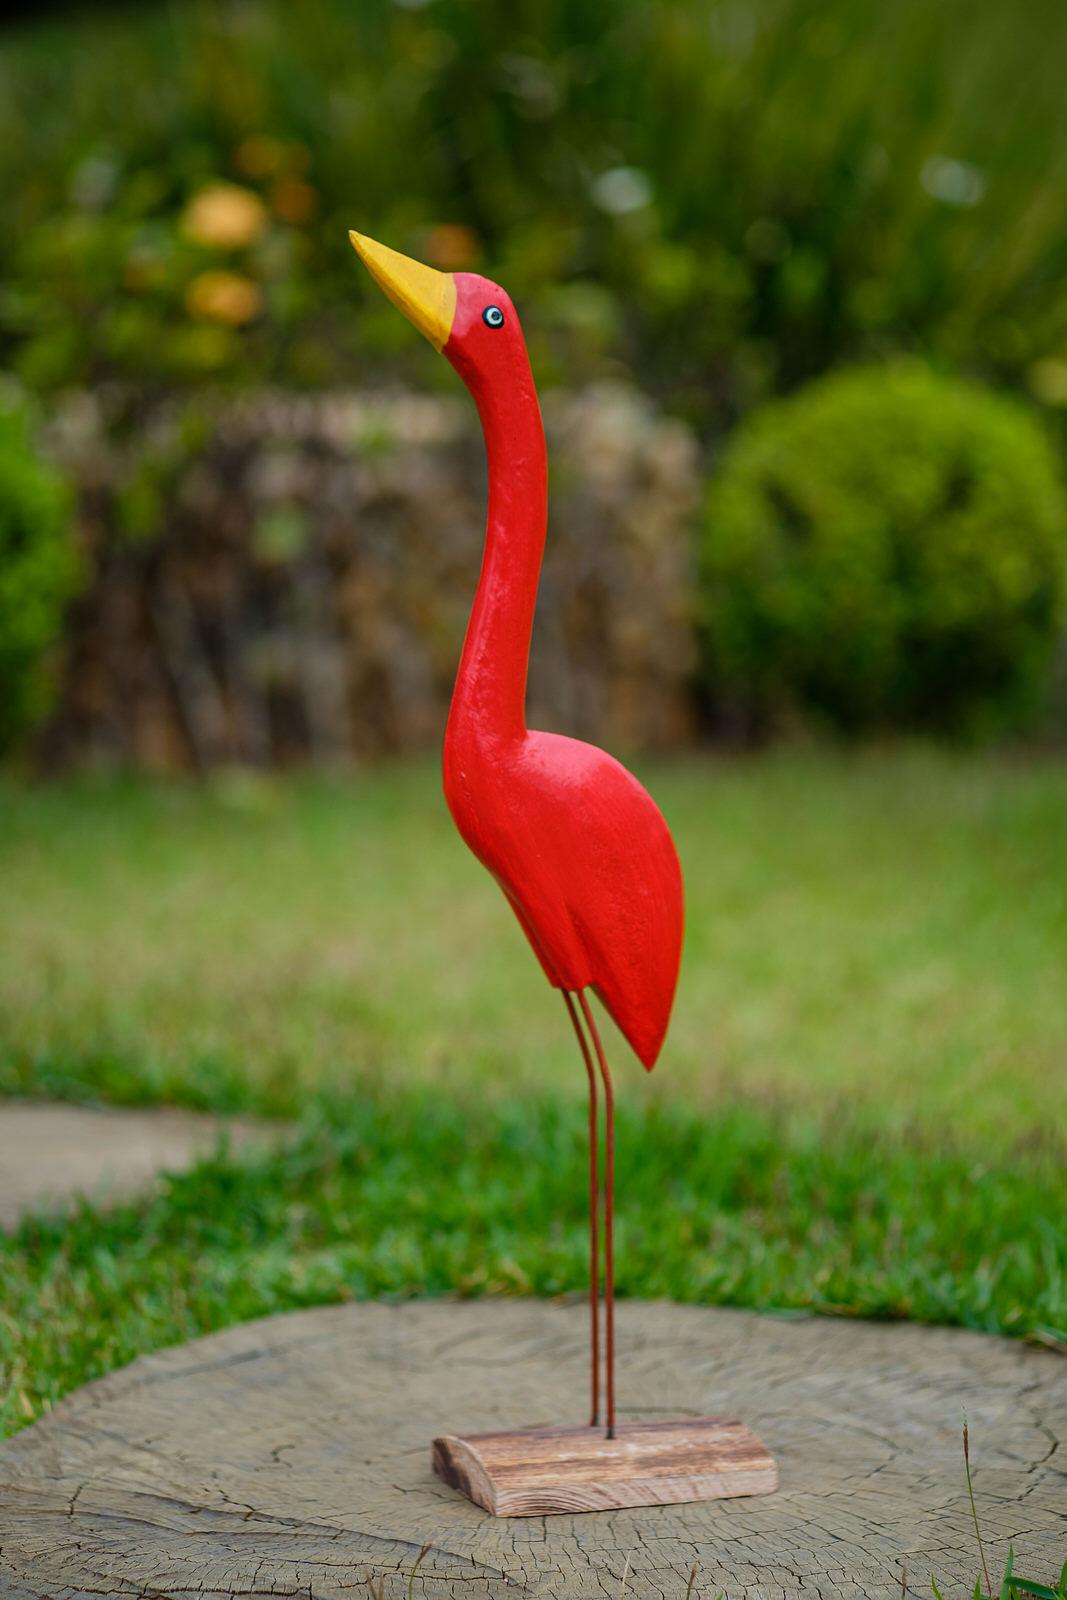 Garça Decorativa Vermelha - 47 cm x 12 cm